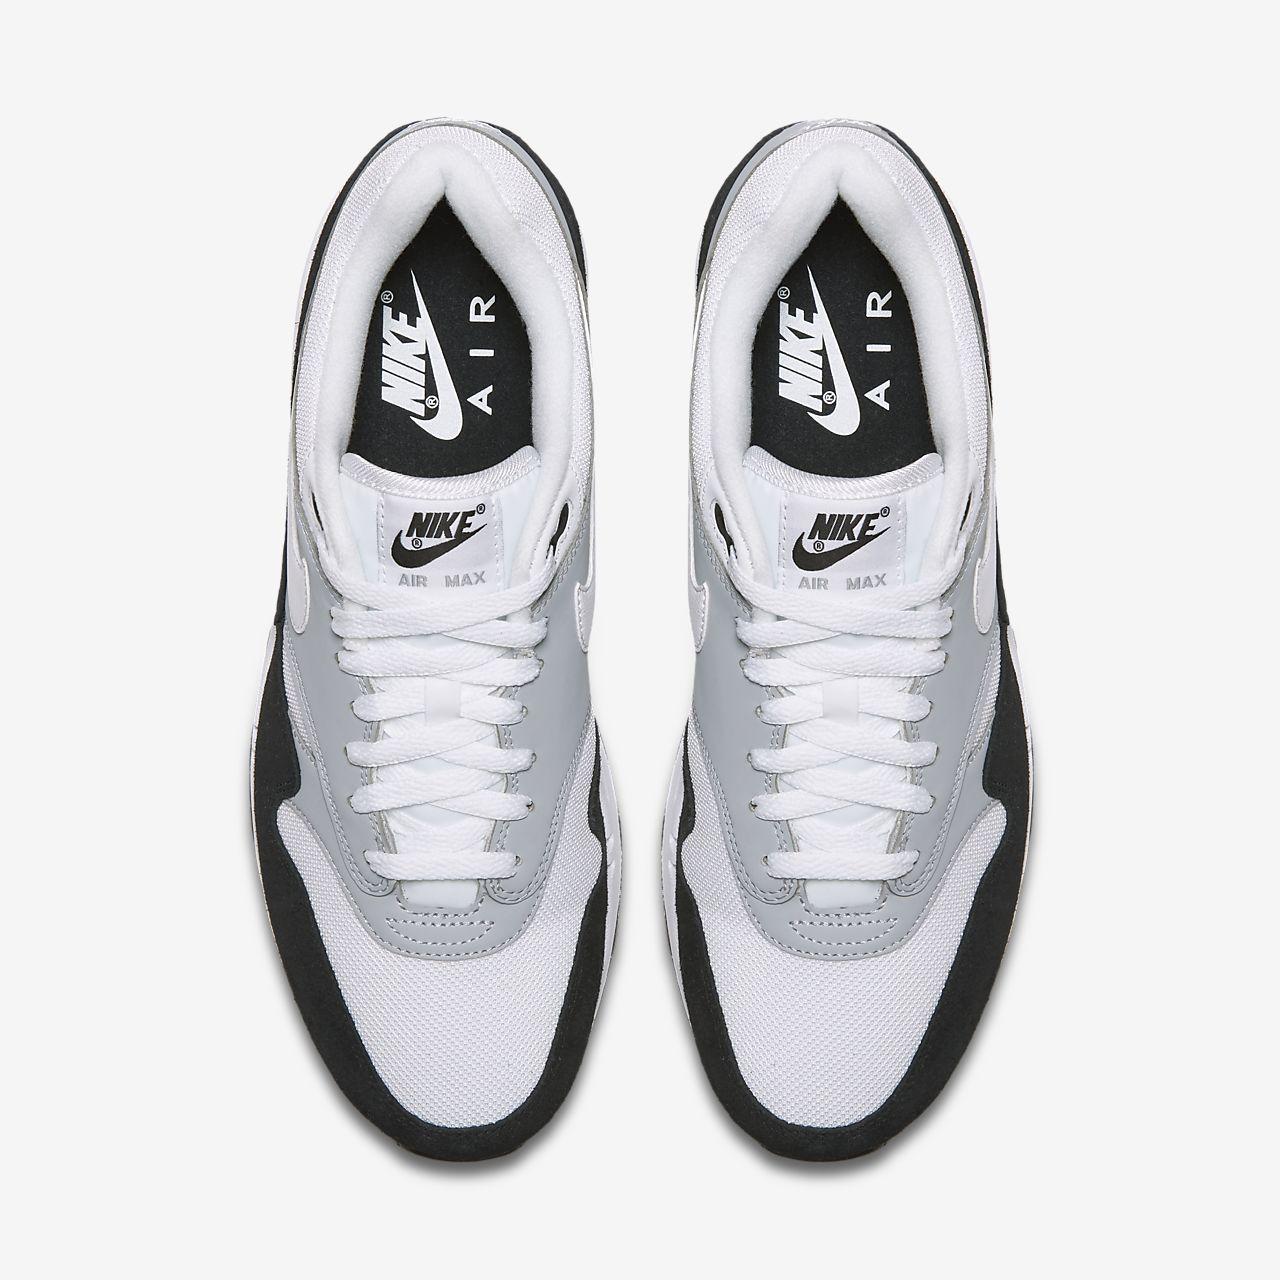 Baskets homme Nike Air Max 1 AH8145 003 EZPOAKkuWP